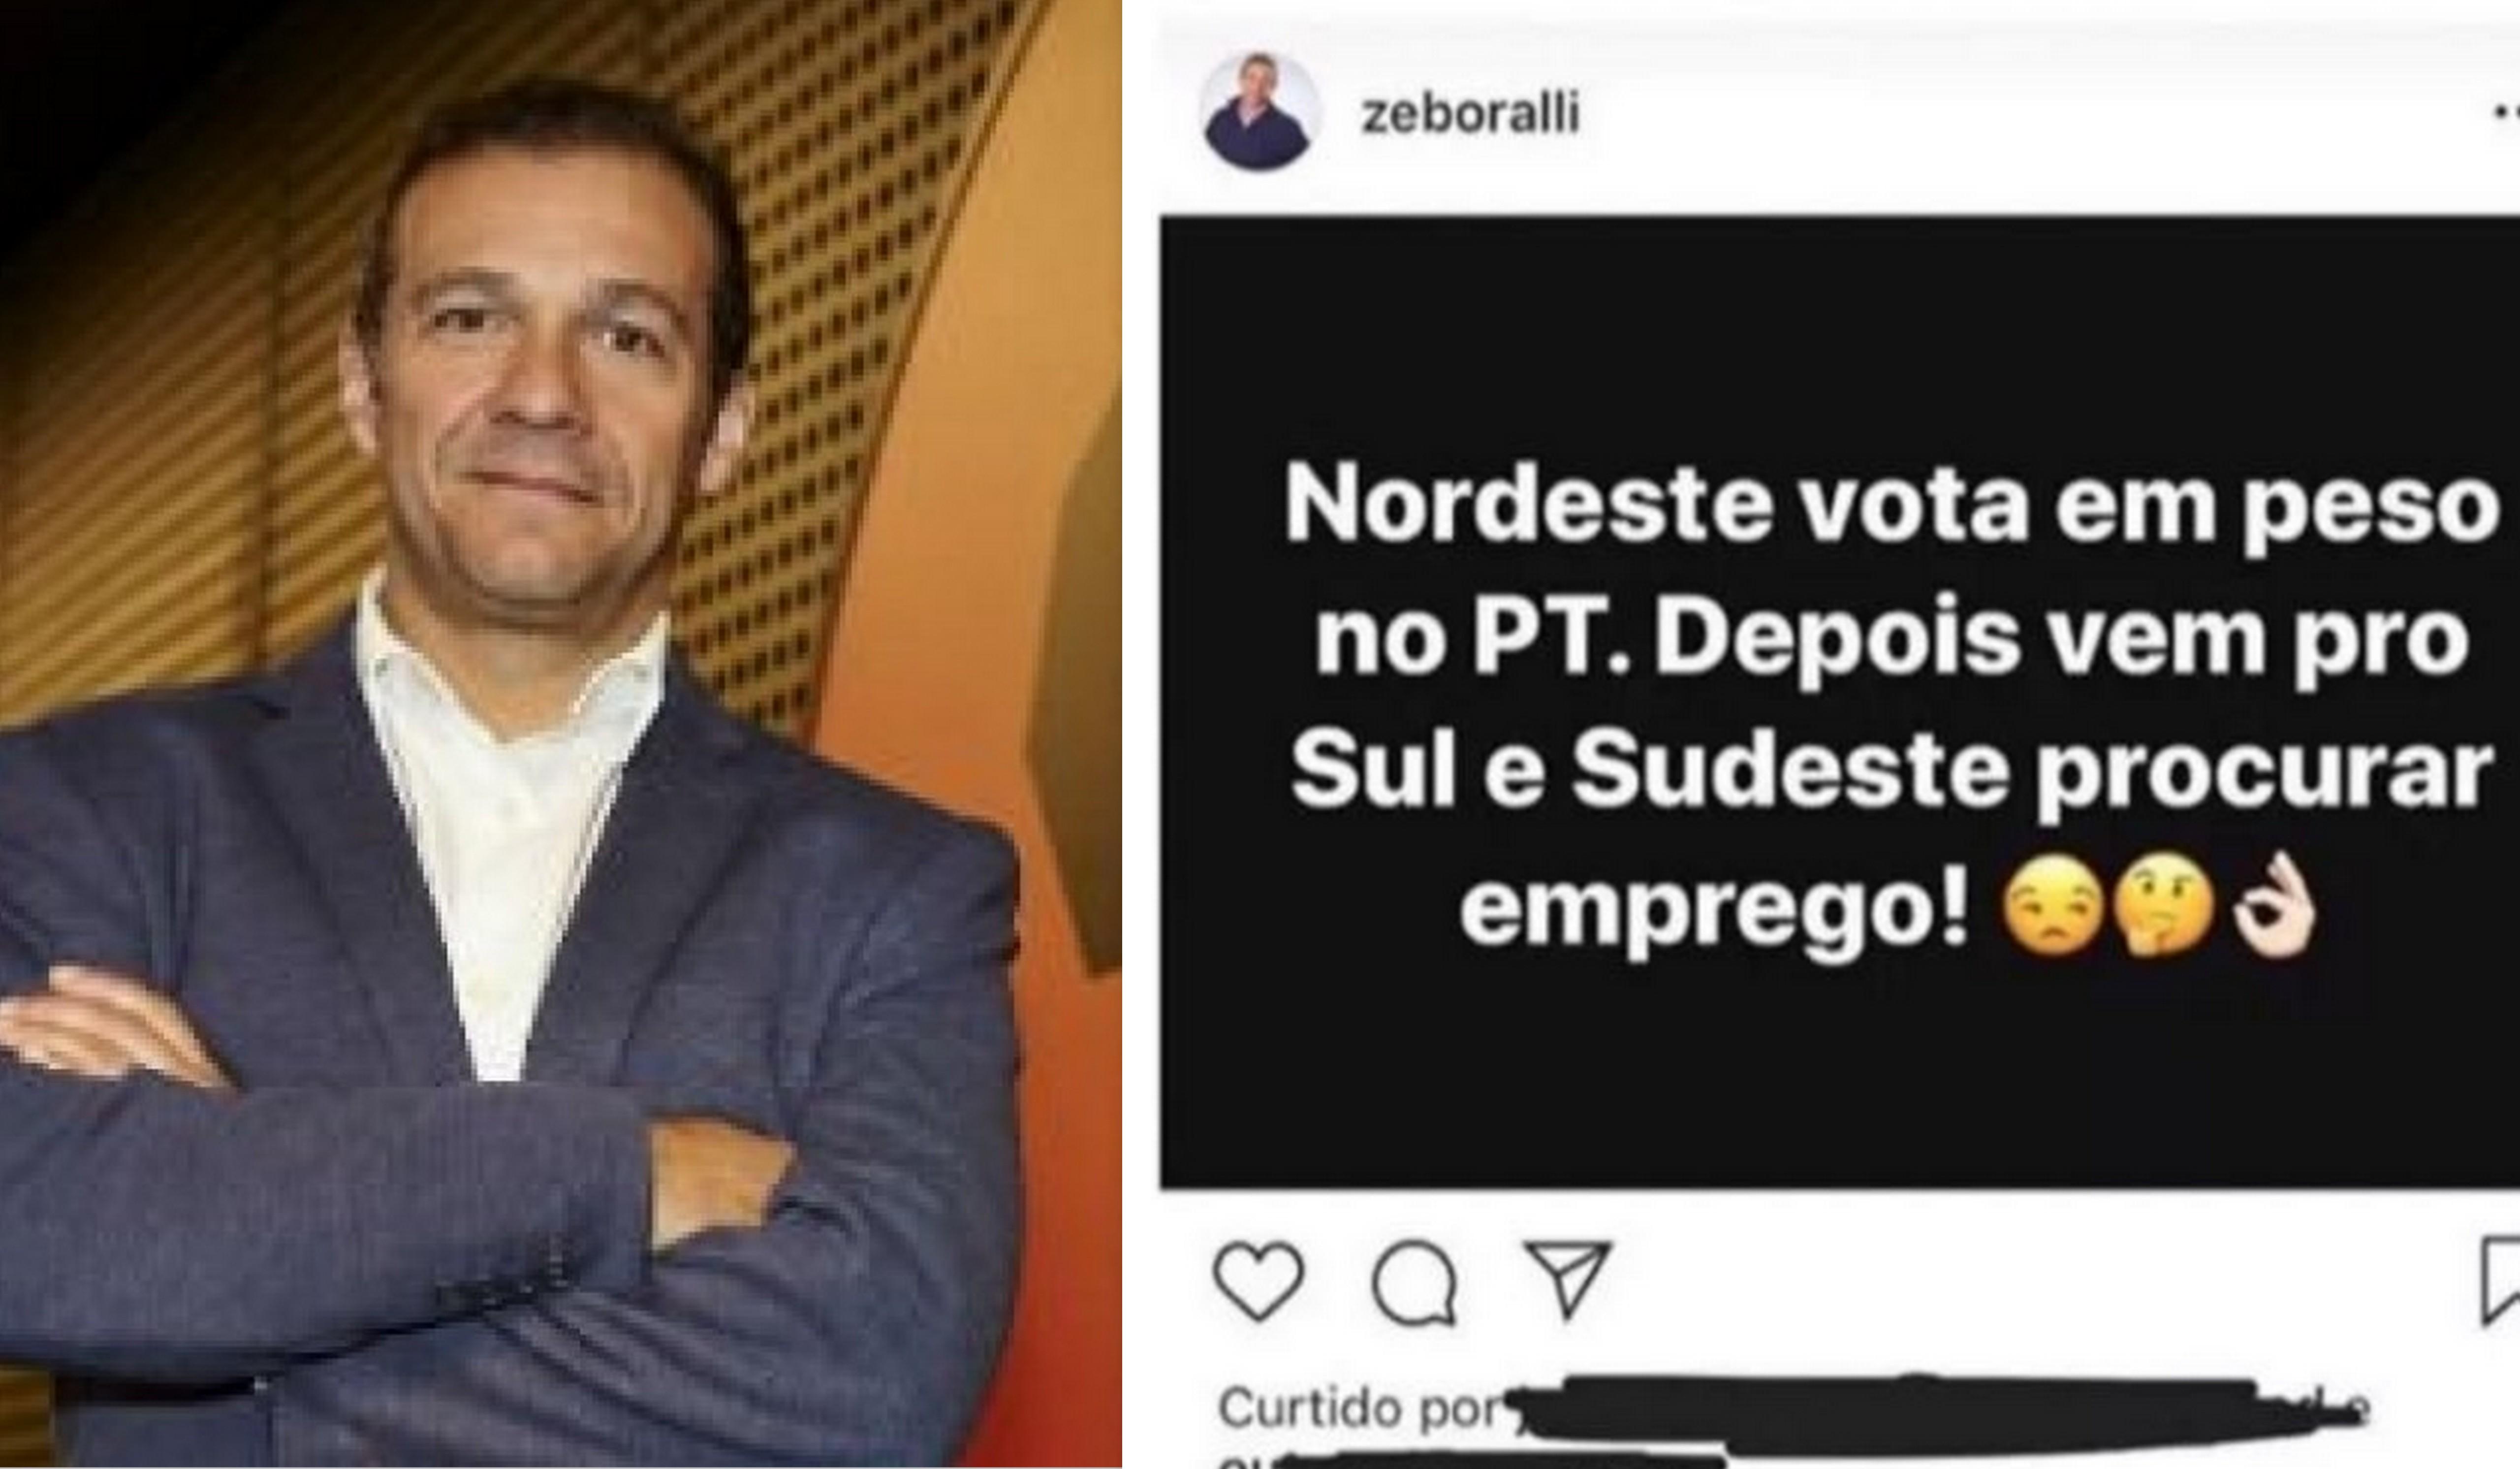 Publicitário reage com preconceito a nordestinos nas redes sociais e é afastado de empresa 1